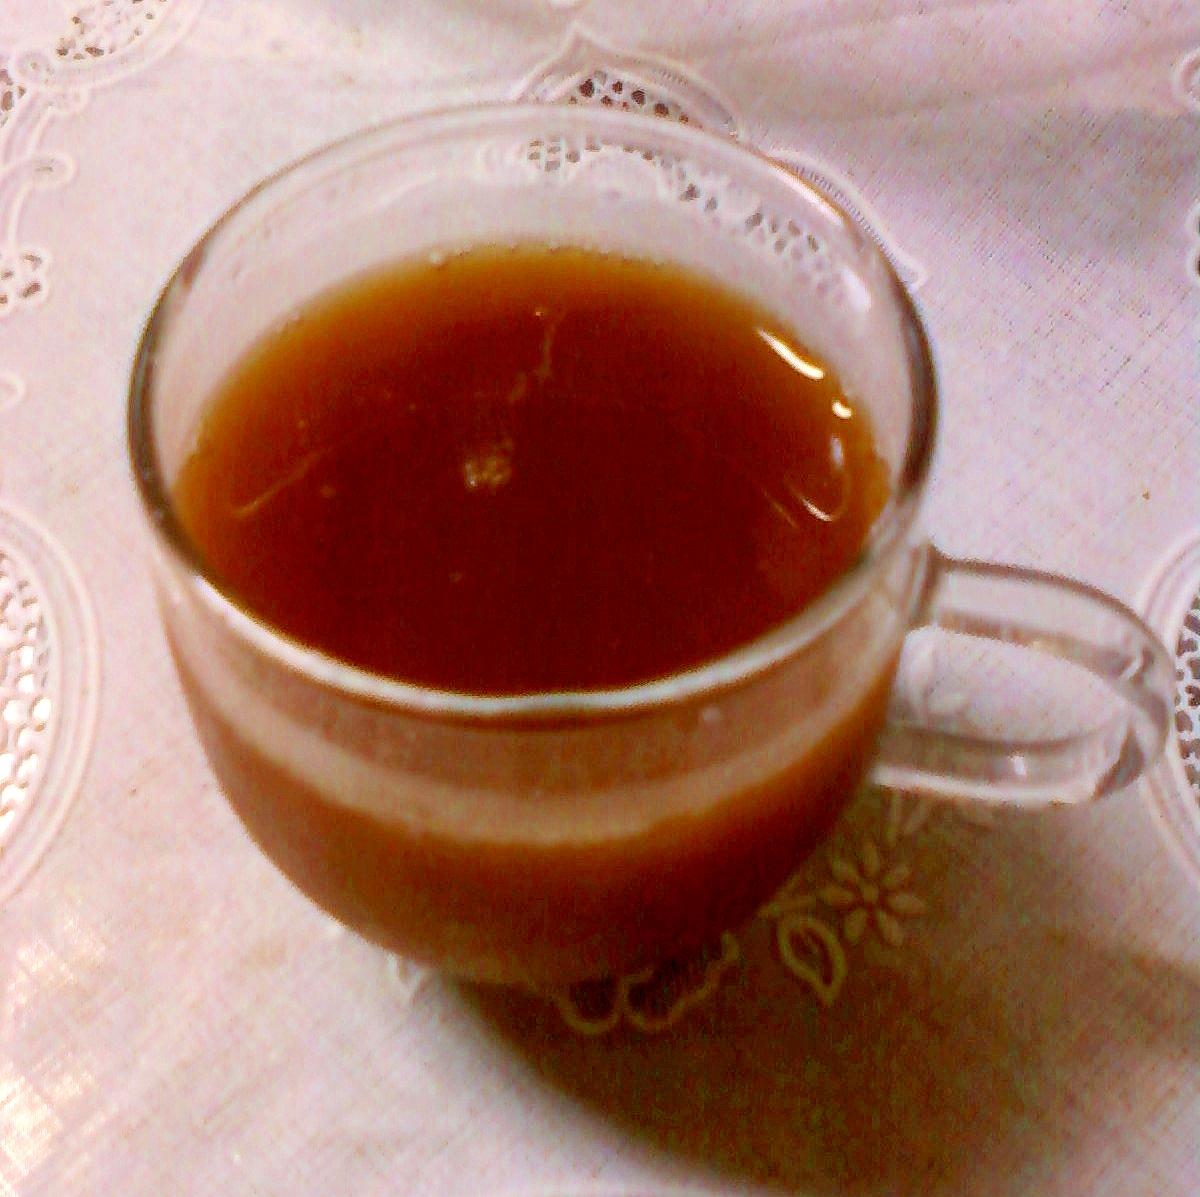 ☆*:・ほんわか気分☆甘酒入り緑茶コーヒー☆*:・